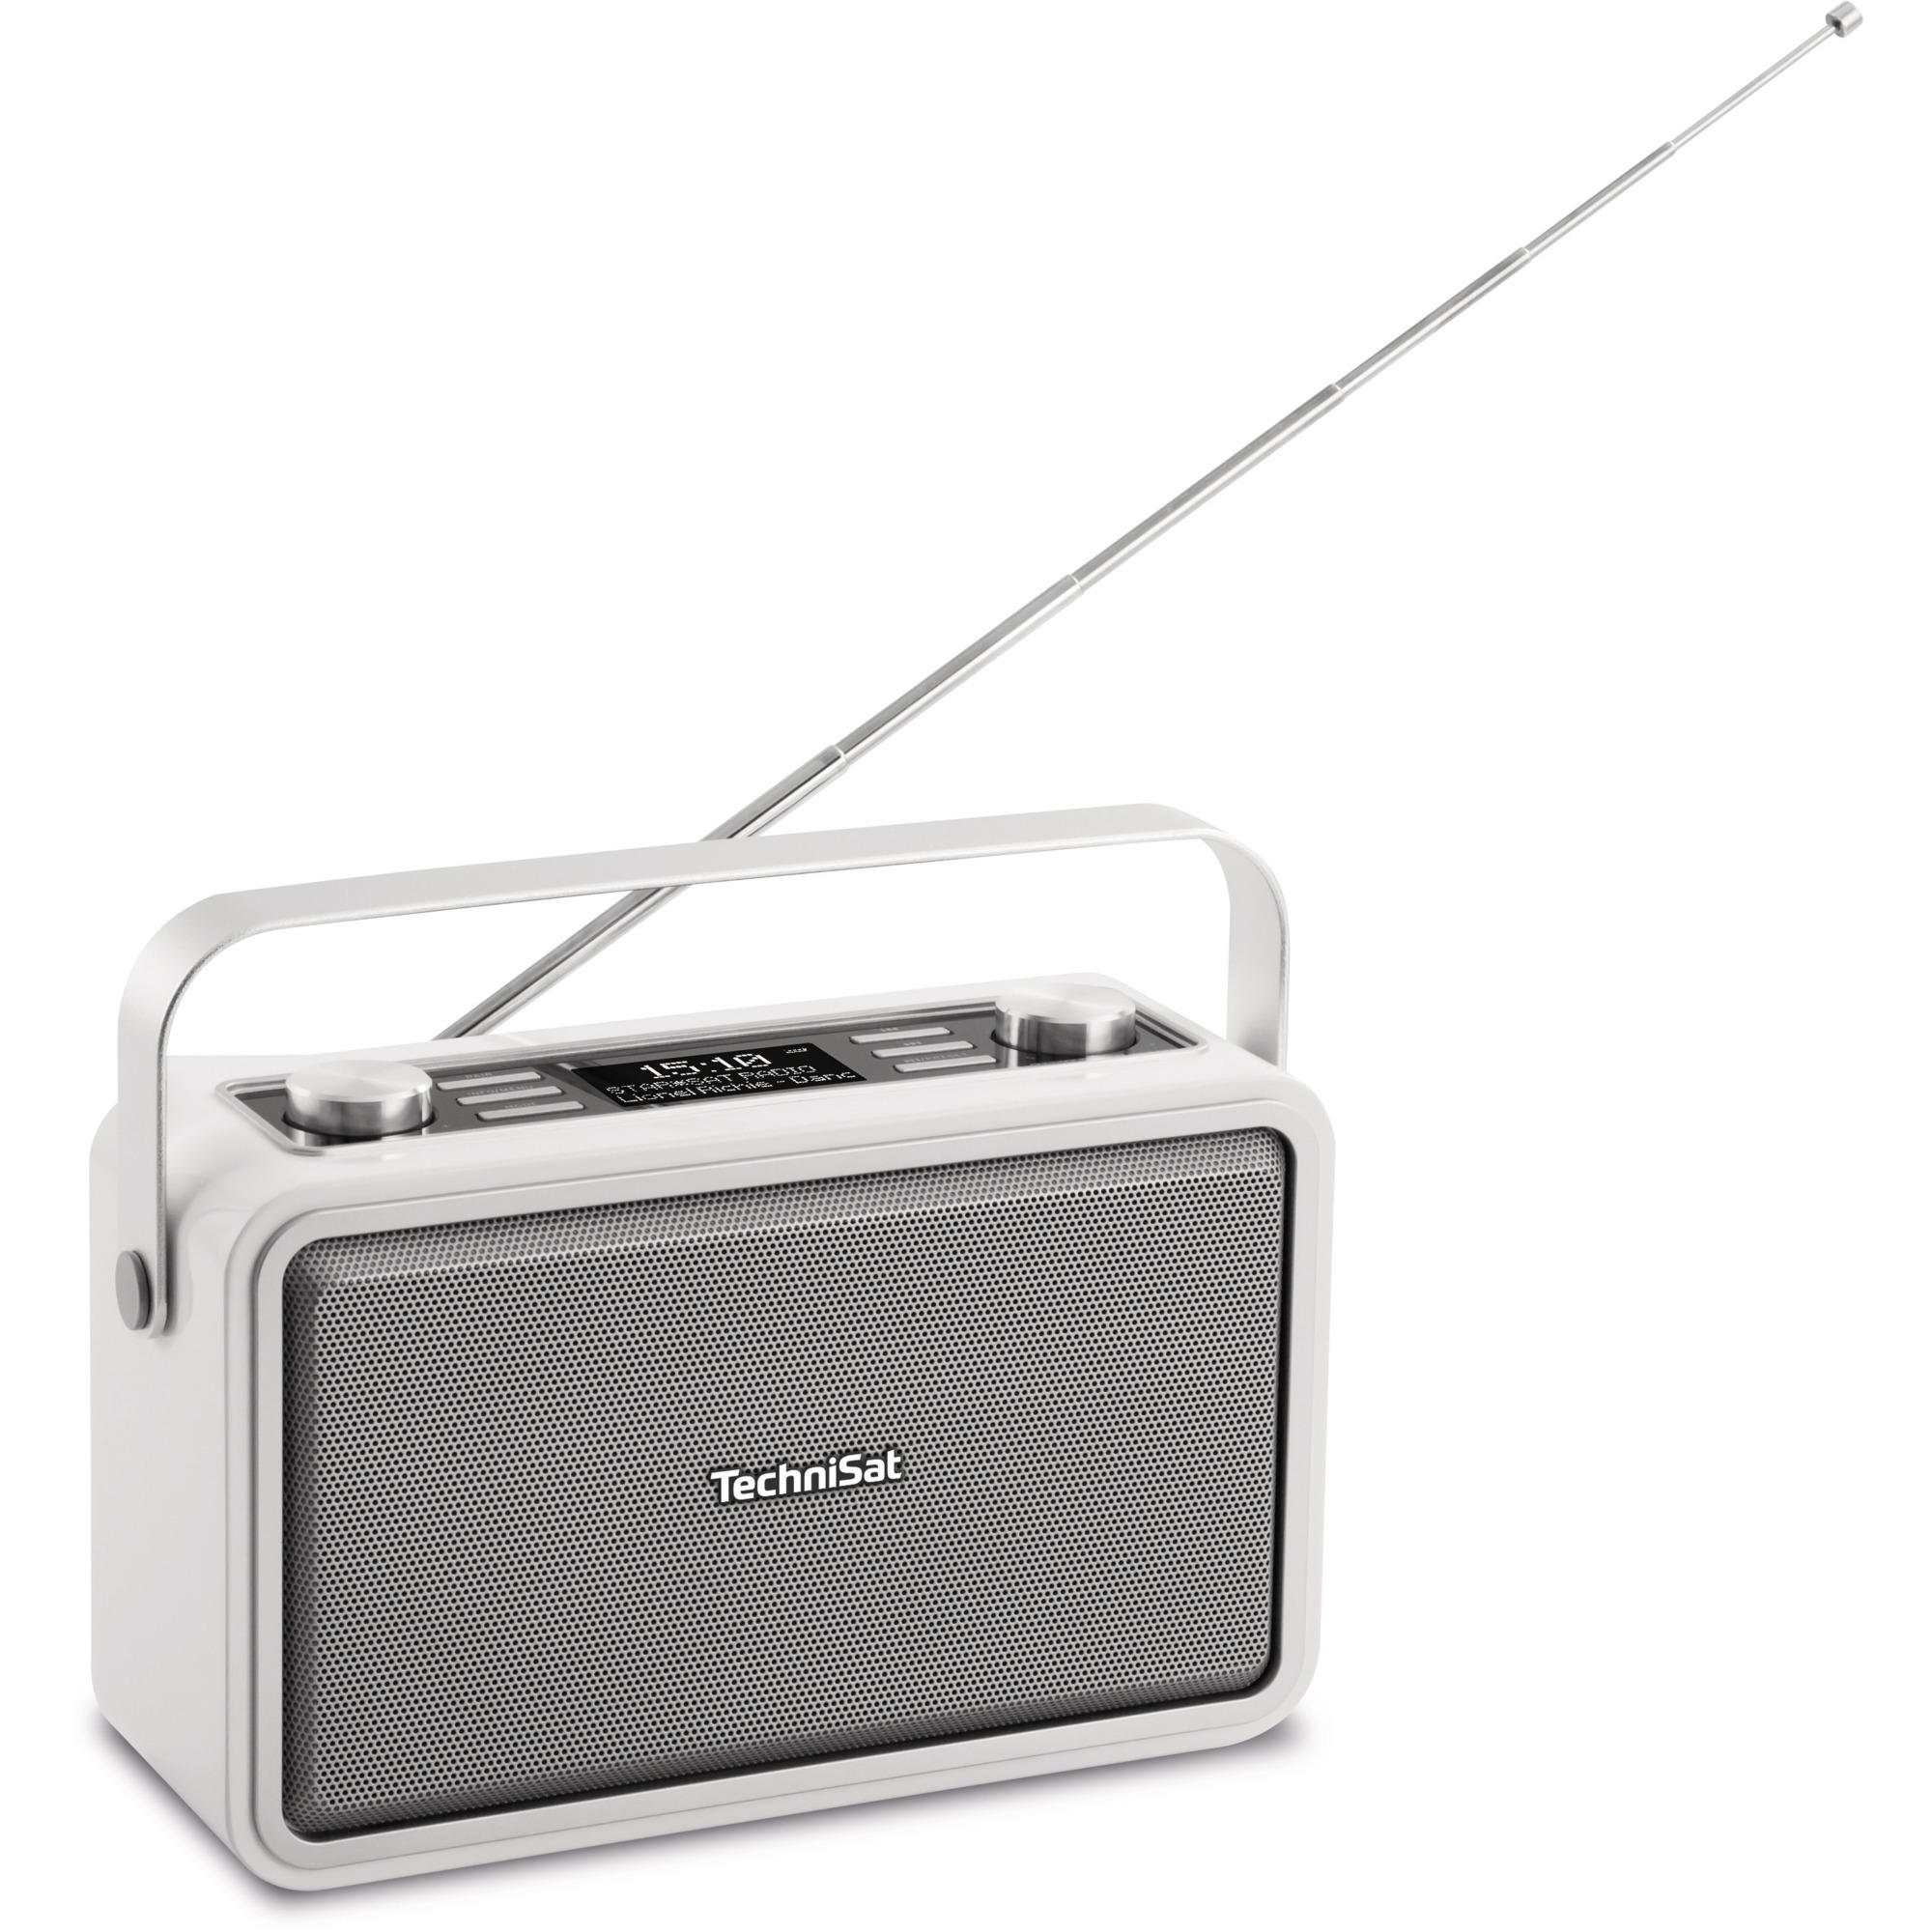 Technisat DigitRadio 225 weiß - broschei